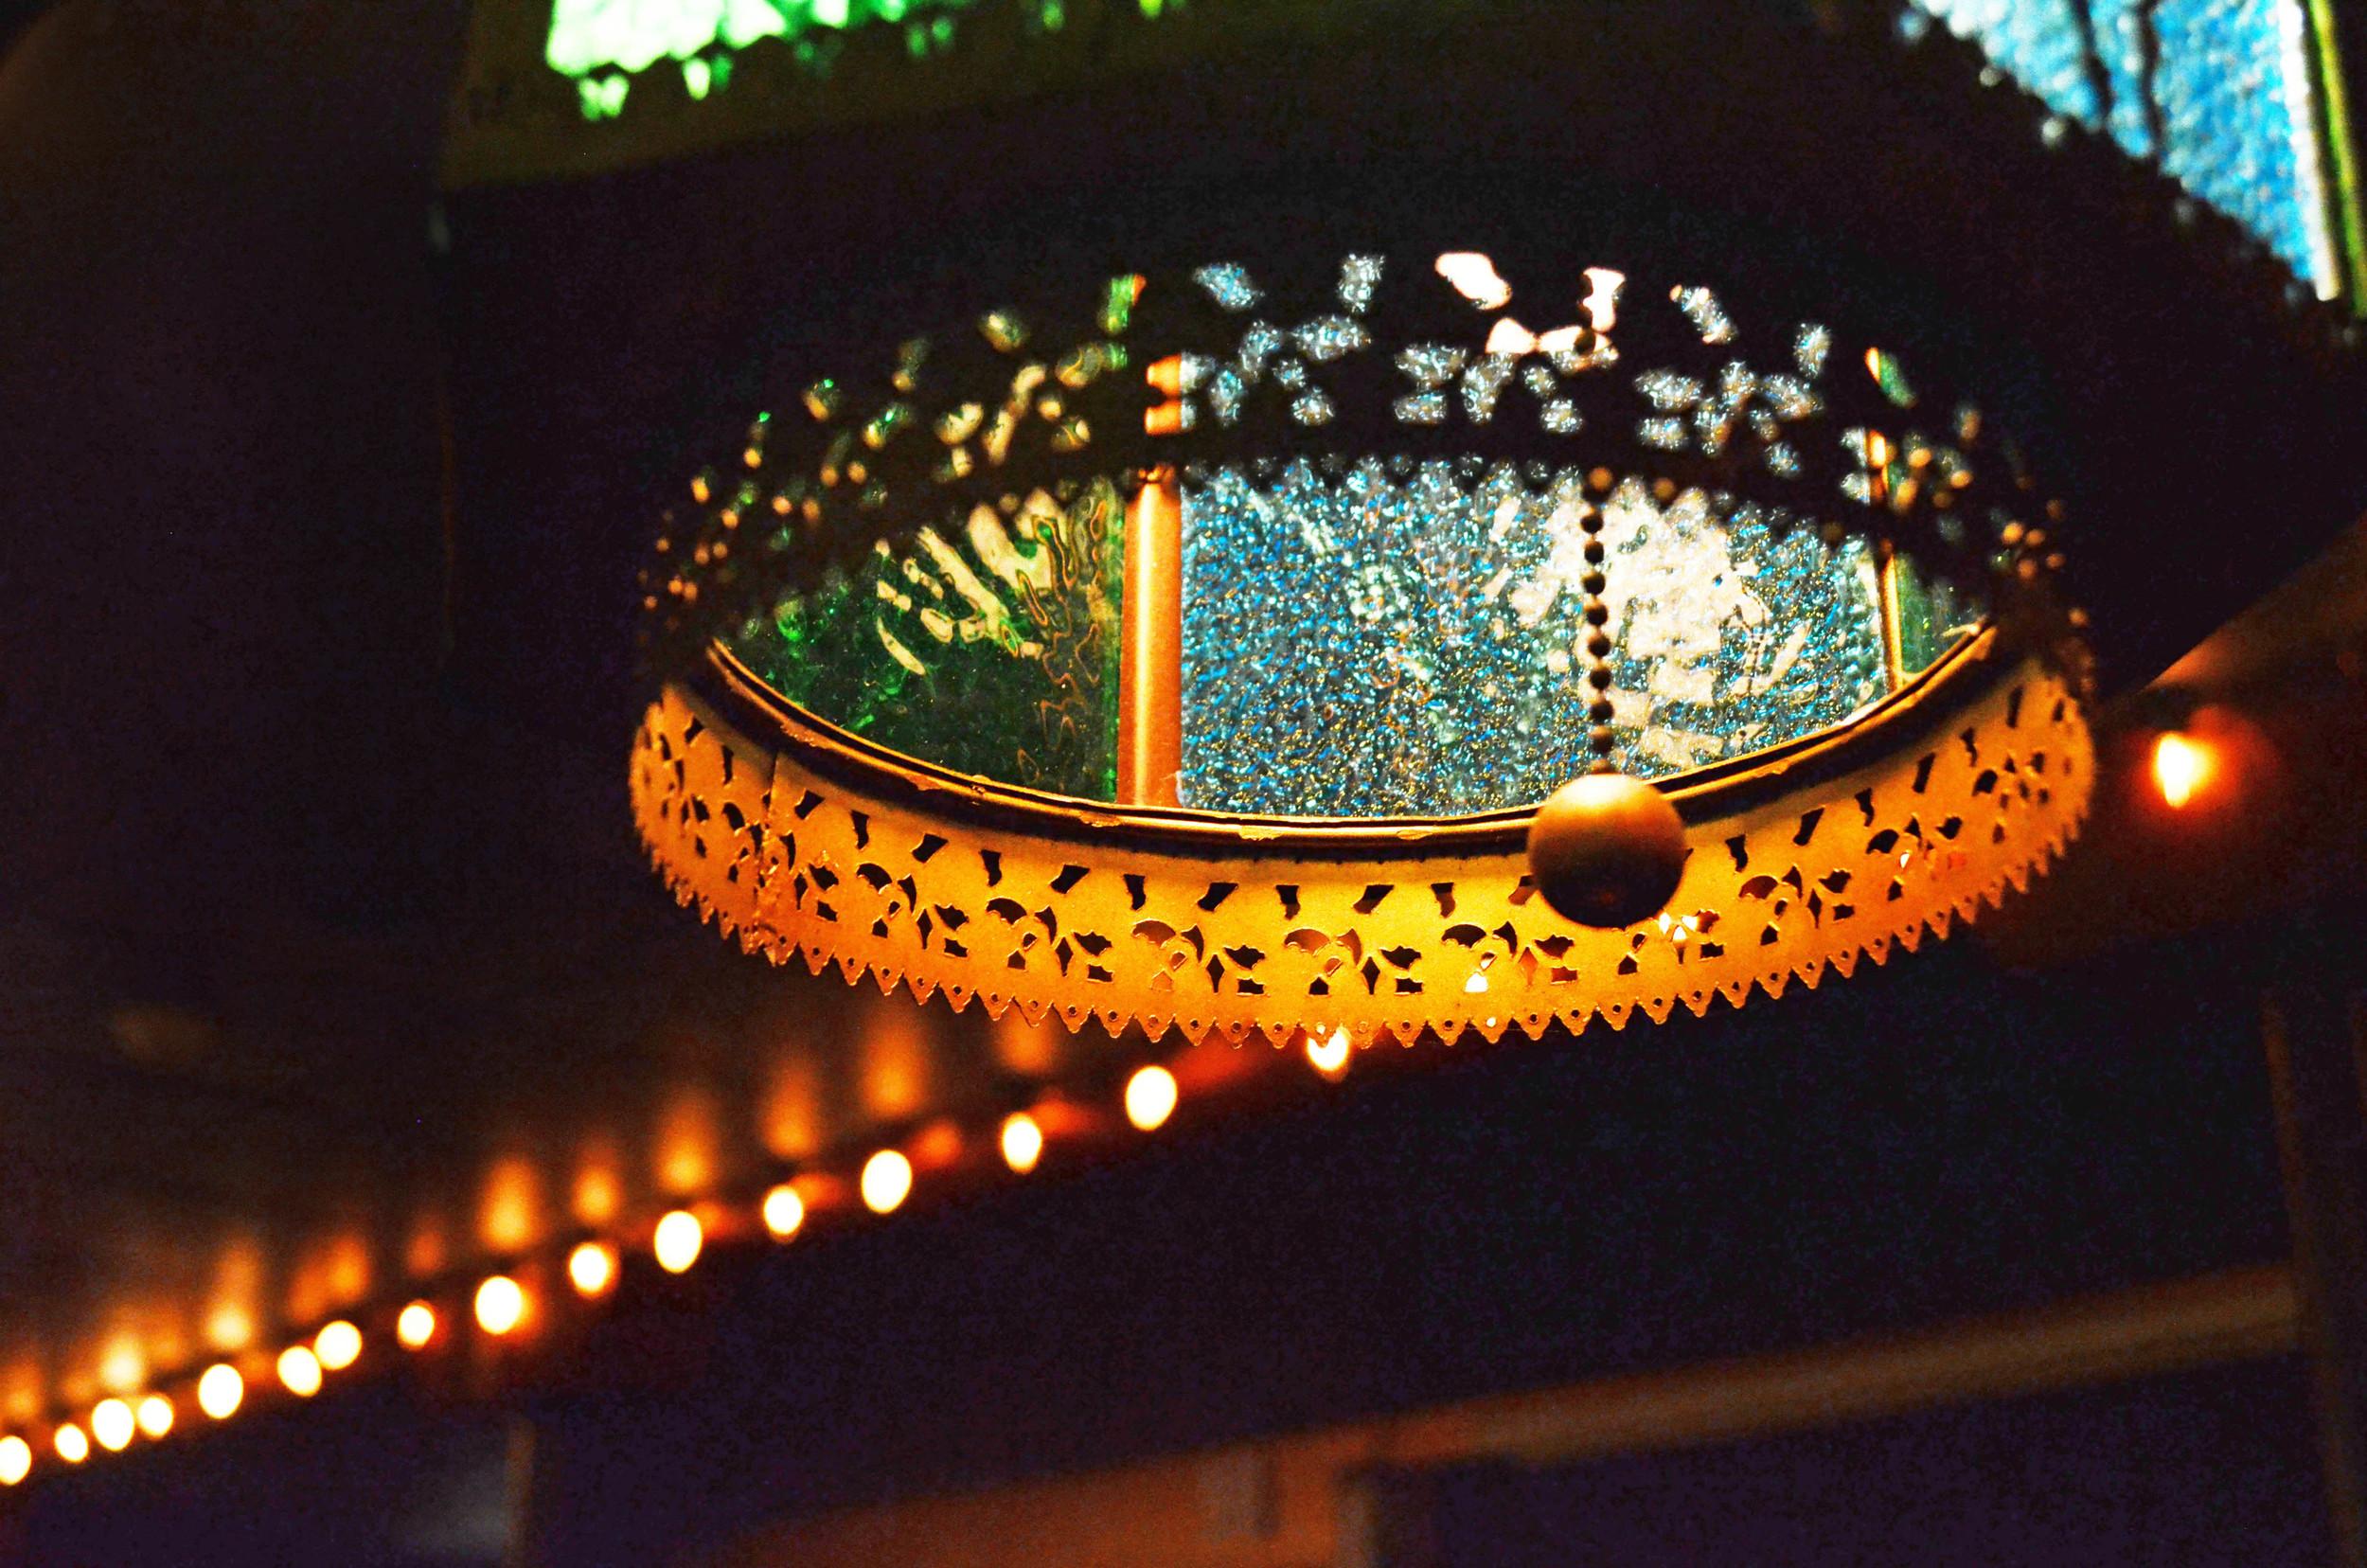 w_em_035_light_closeup.jpg